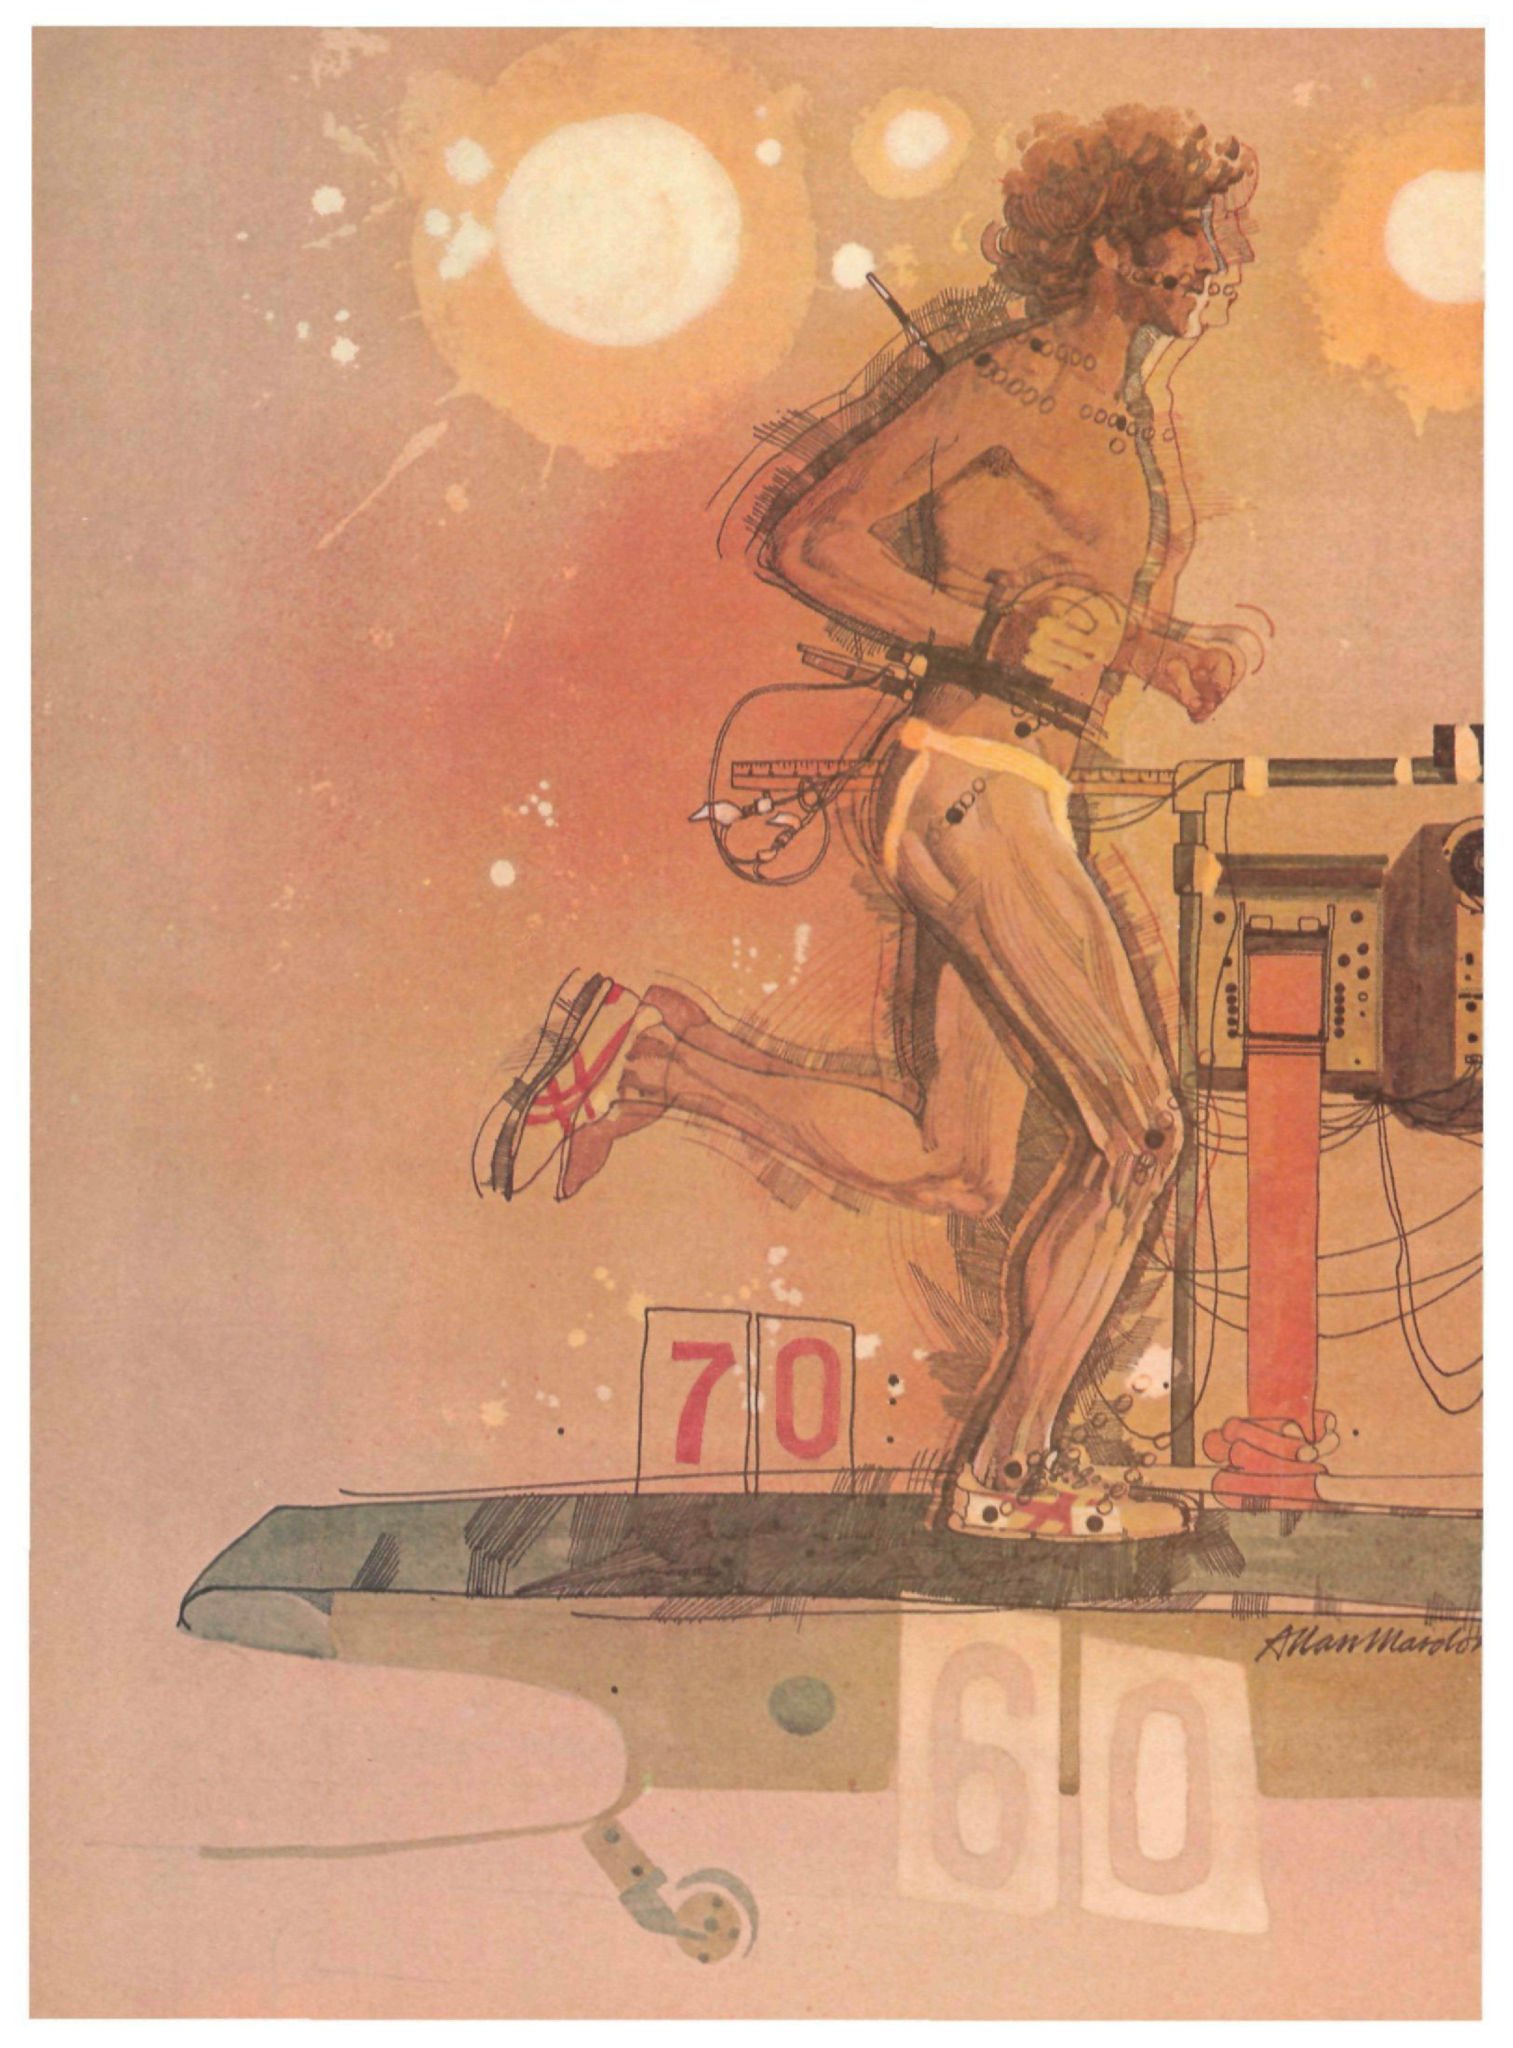 Men's_Study_1975 (1)